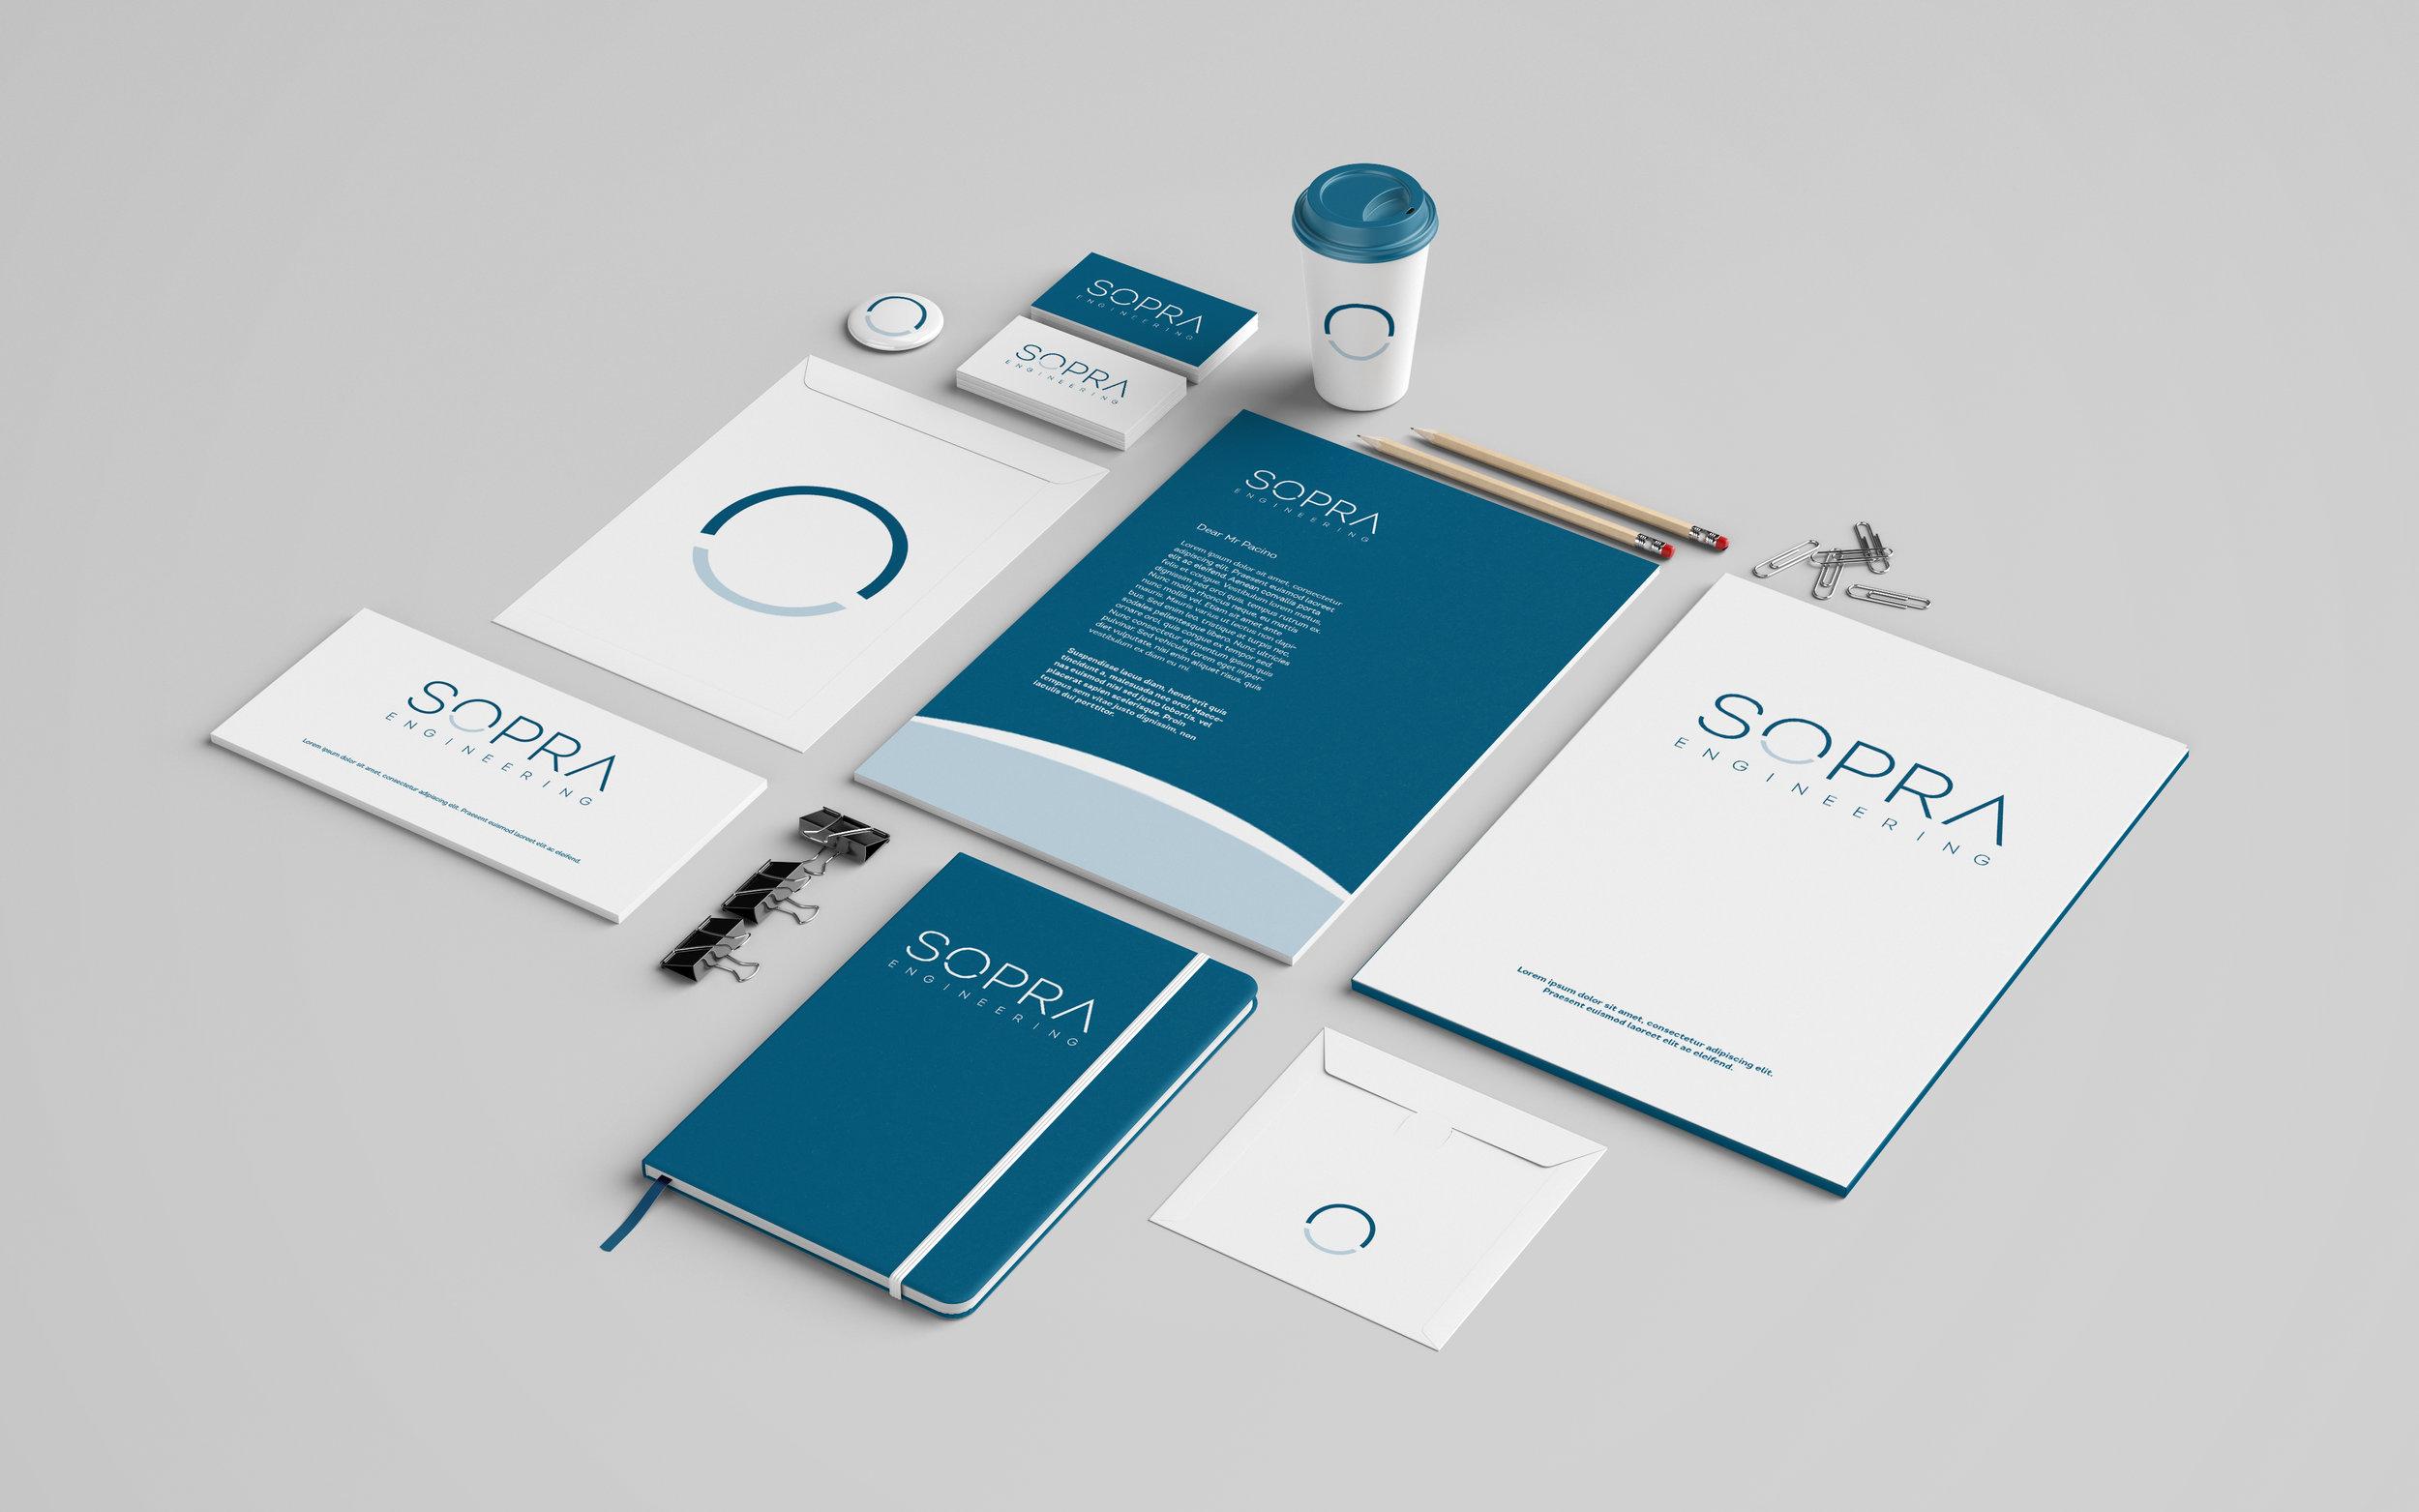 SOPRA_Business_Card_Mockup_4.jpg